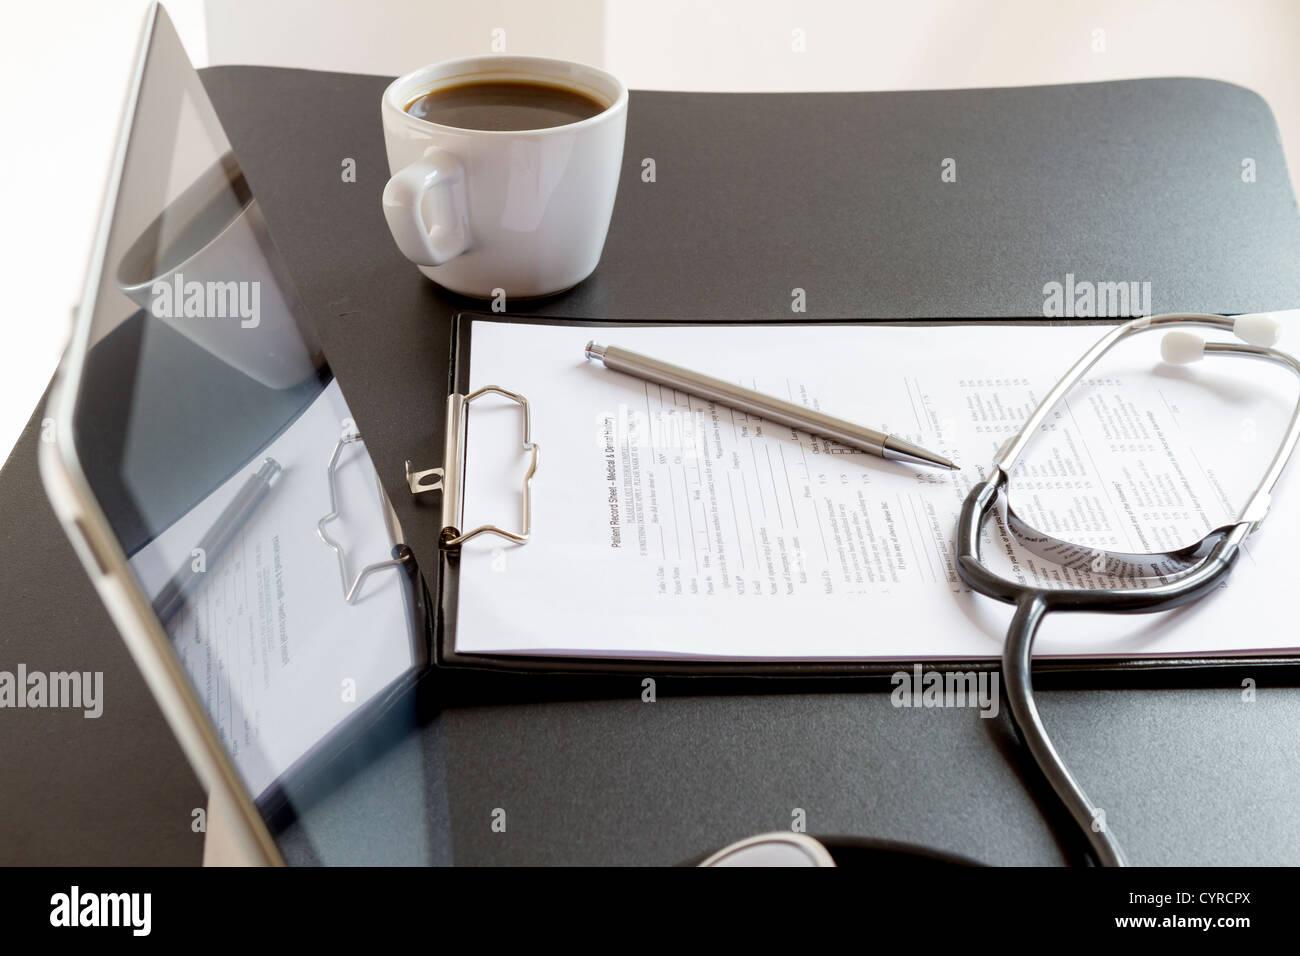 Formularios de registro médico, el estetoscopio y Tablet PC en el escritorio Imagen De Stock